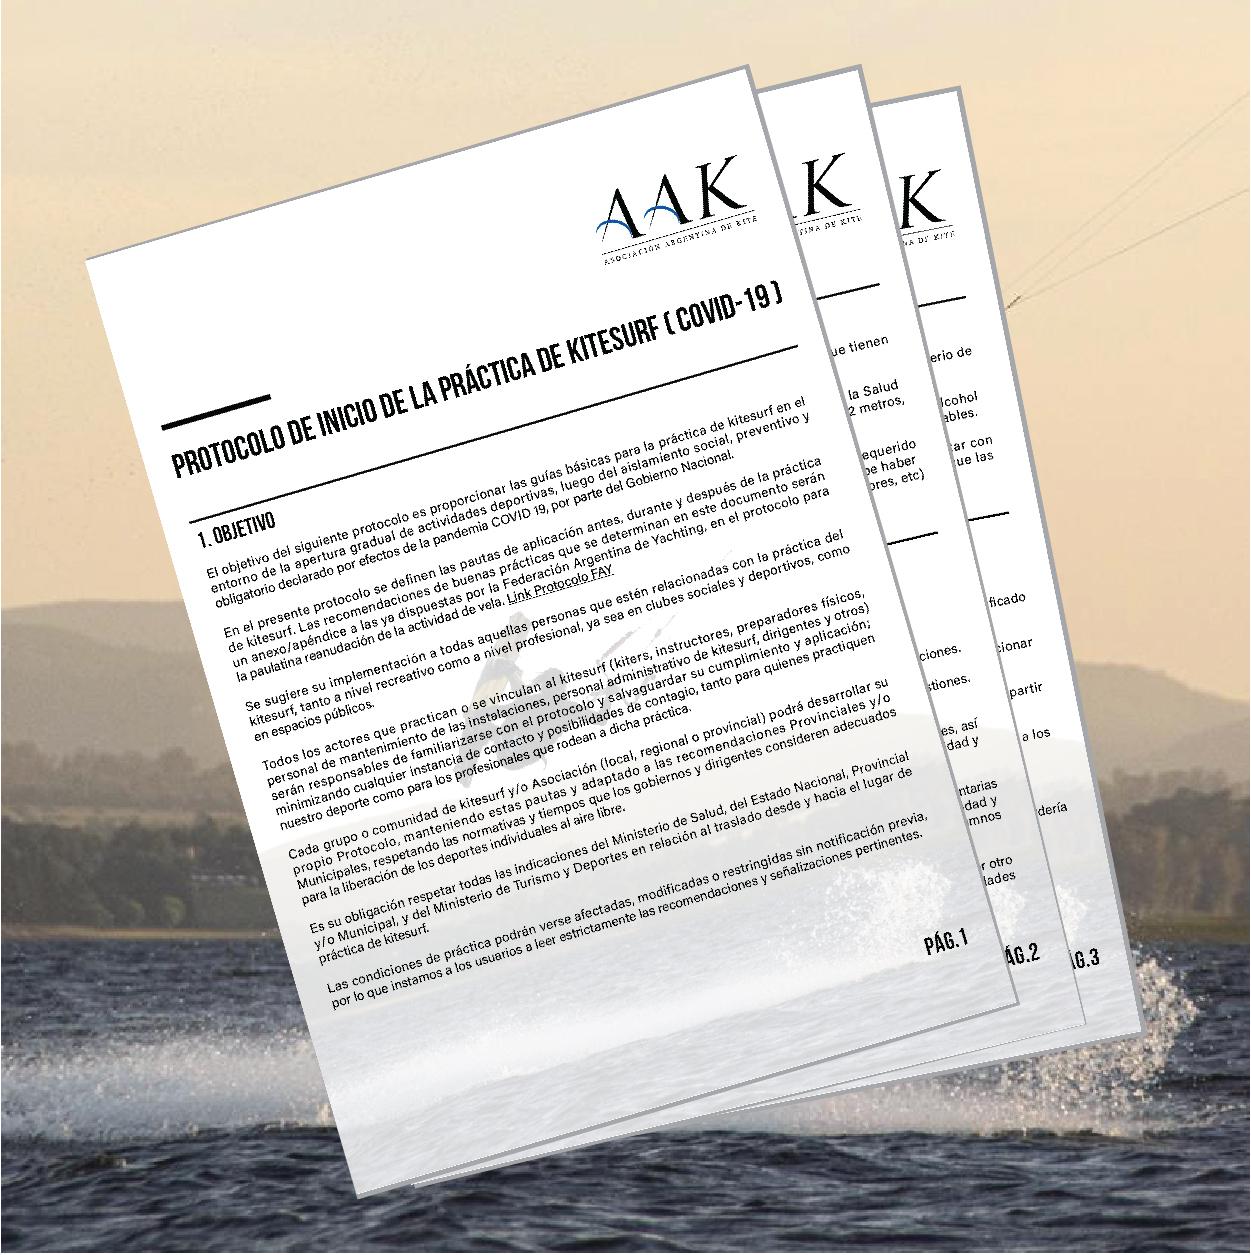 Protocolo de Inicio de la práctica de kitesurf AAK (COVID-19)